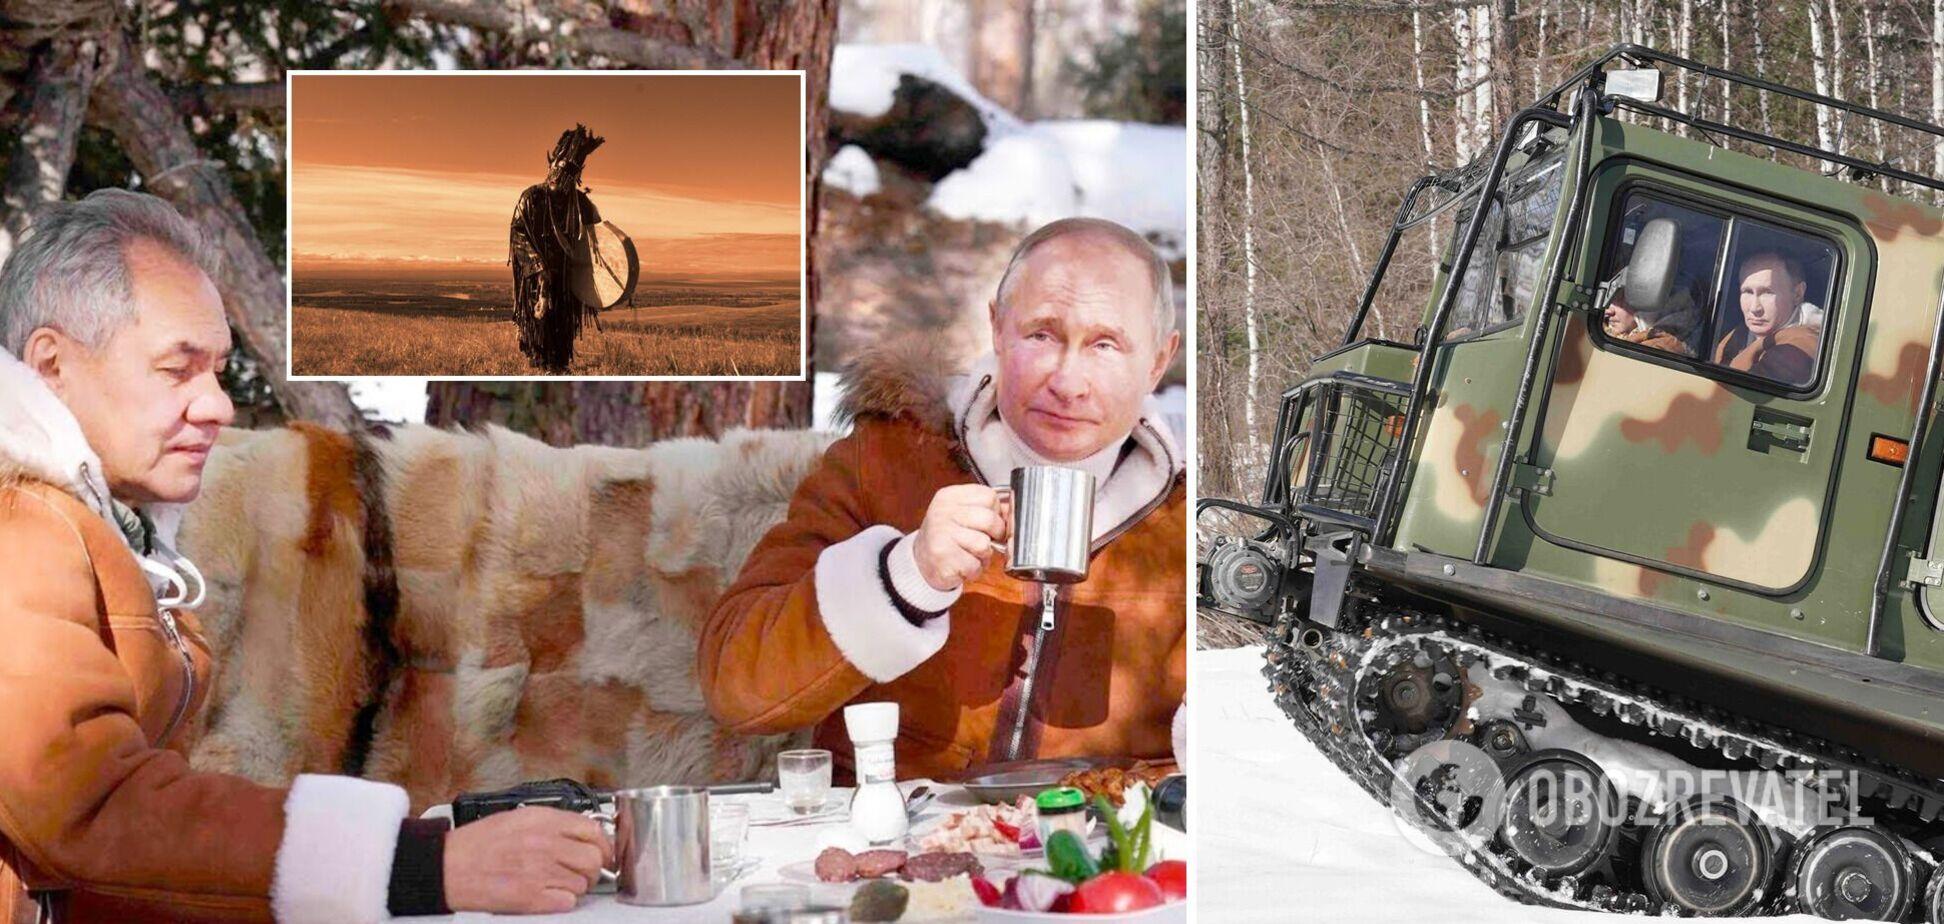 Путин и Шойгу ездят в Сибирь не просто отдыхать, они там совершают обряды, – журналист